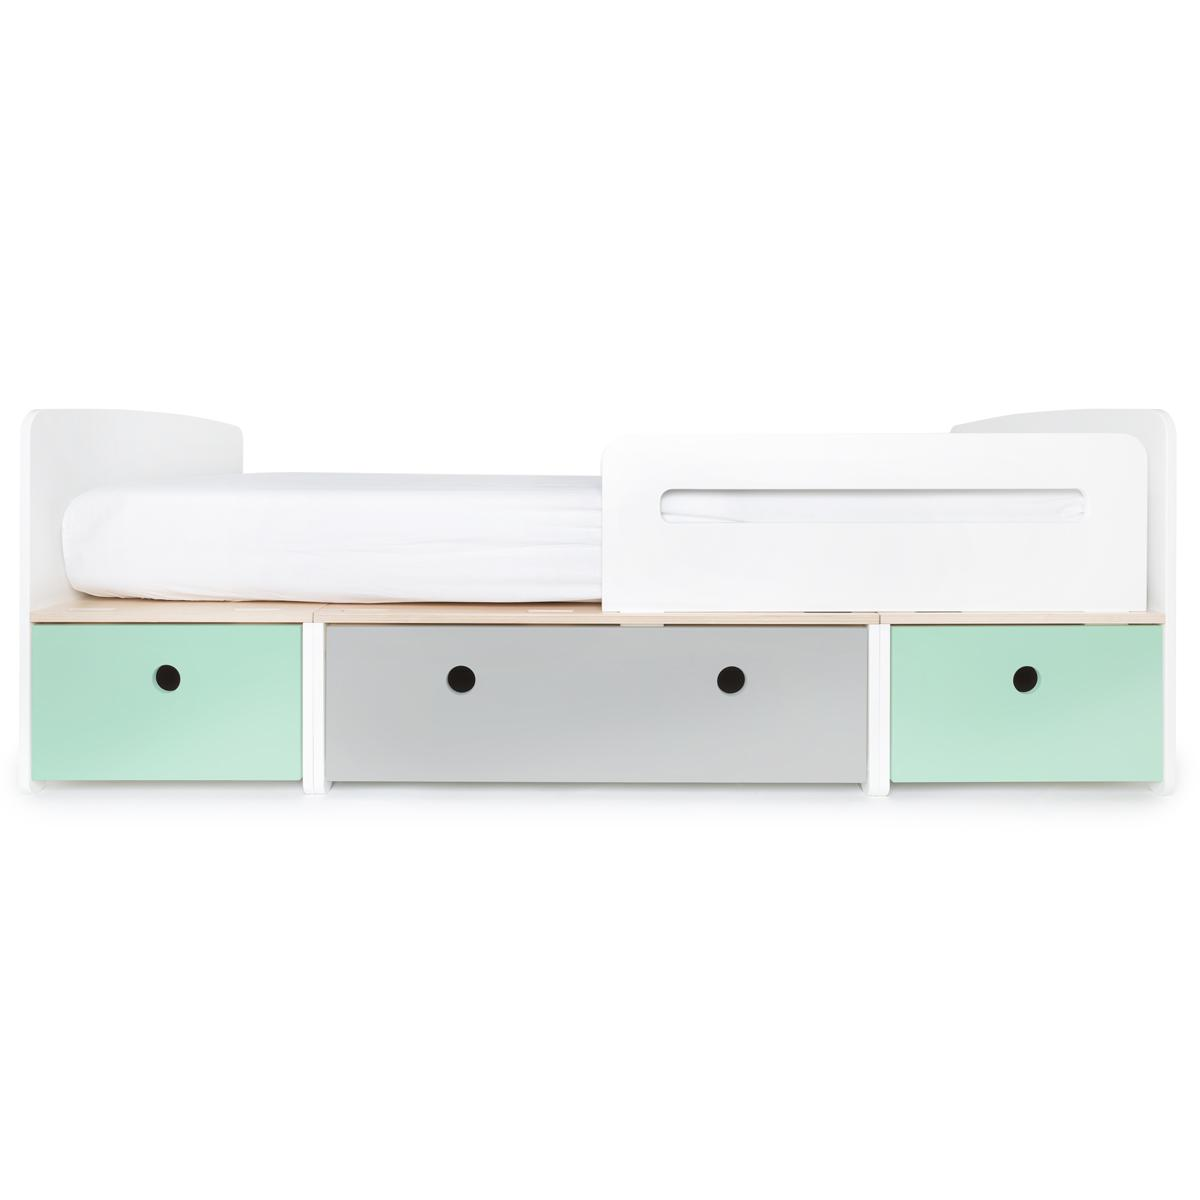 Kinderbett 90x200cm COLORFLEX mint-pearl grey-mint